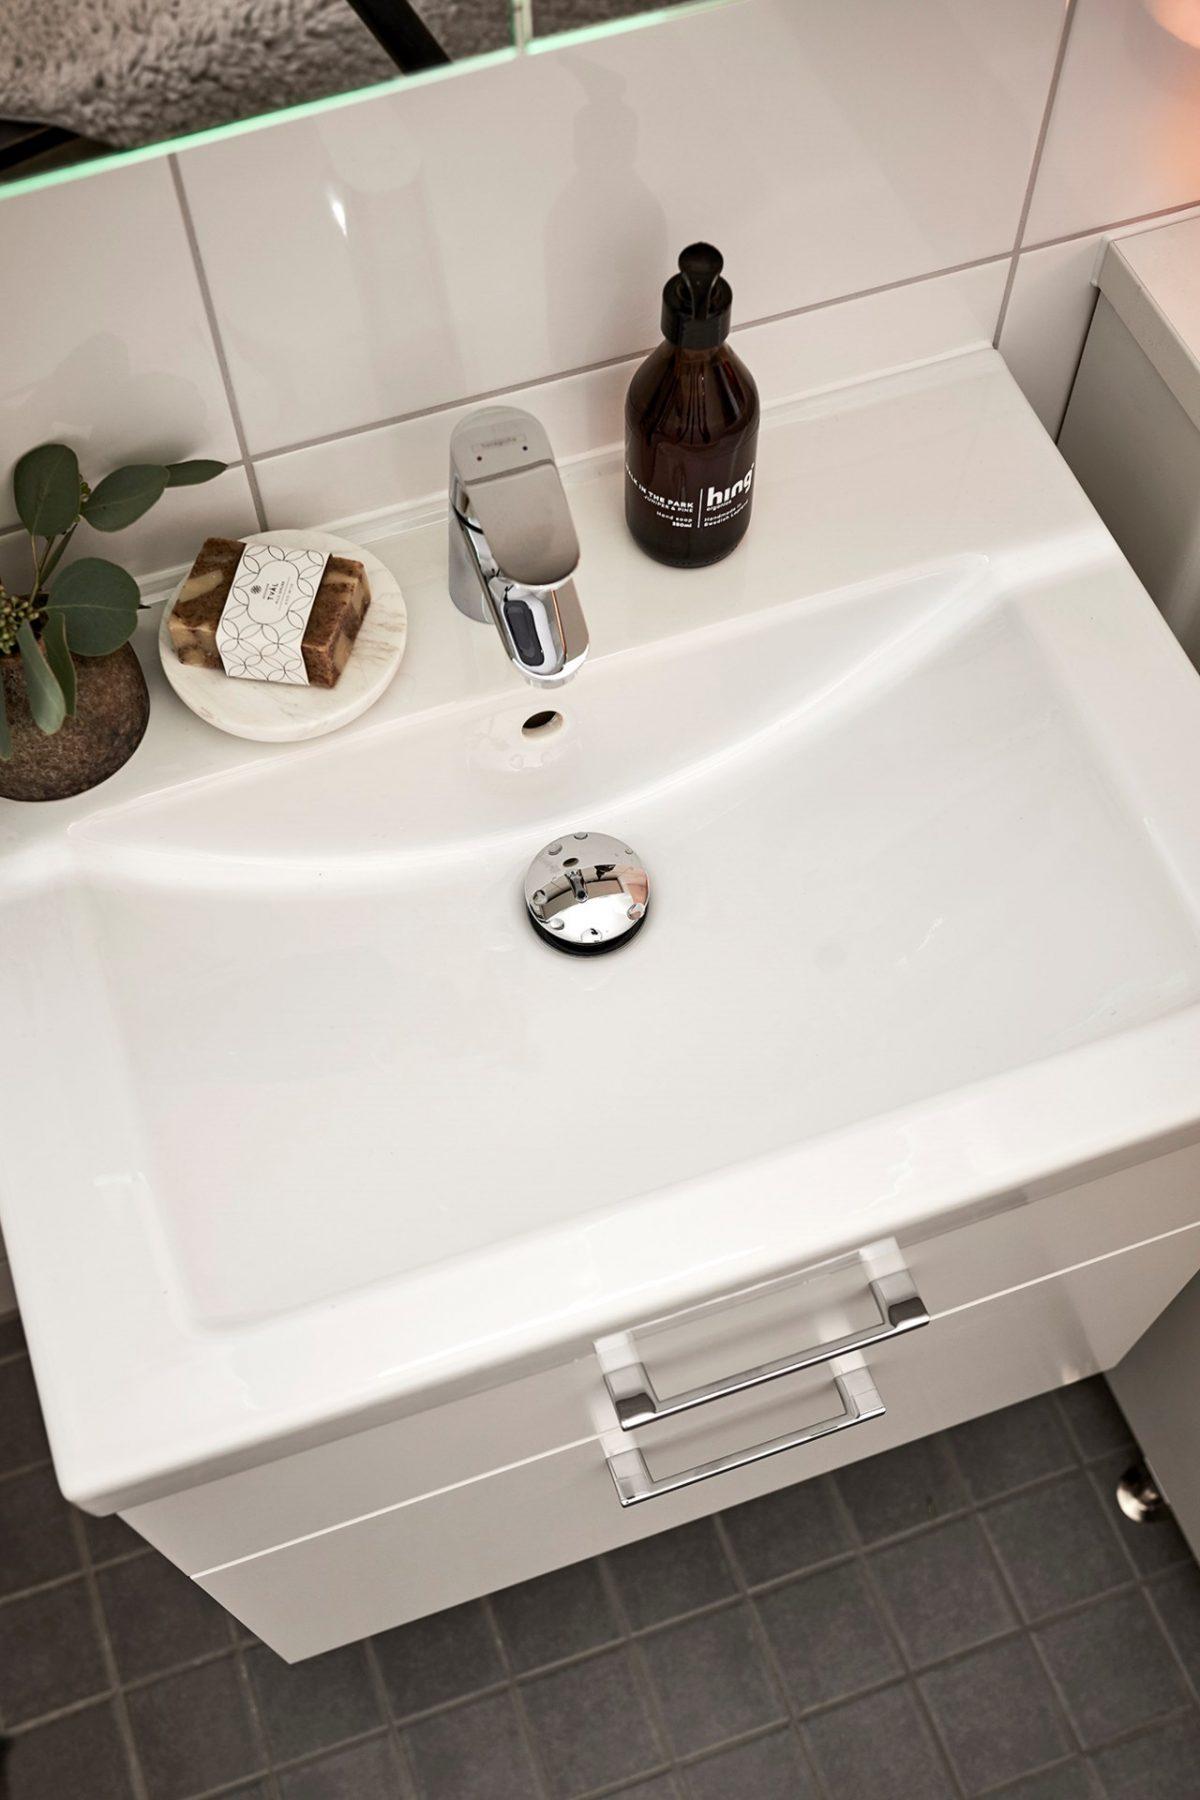 badrum detlajbild handfat